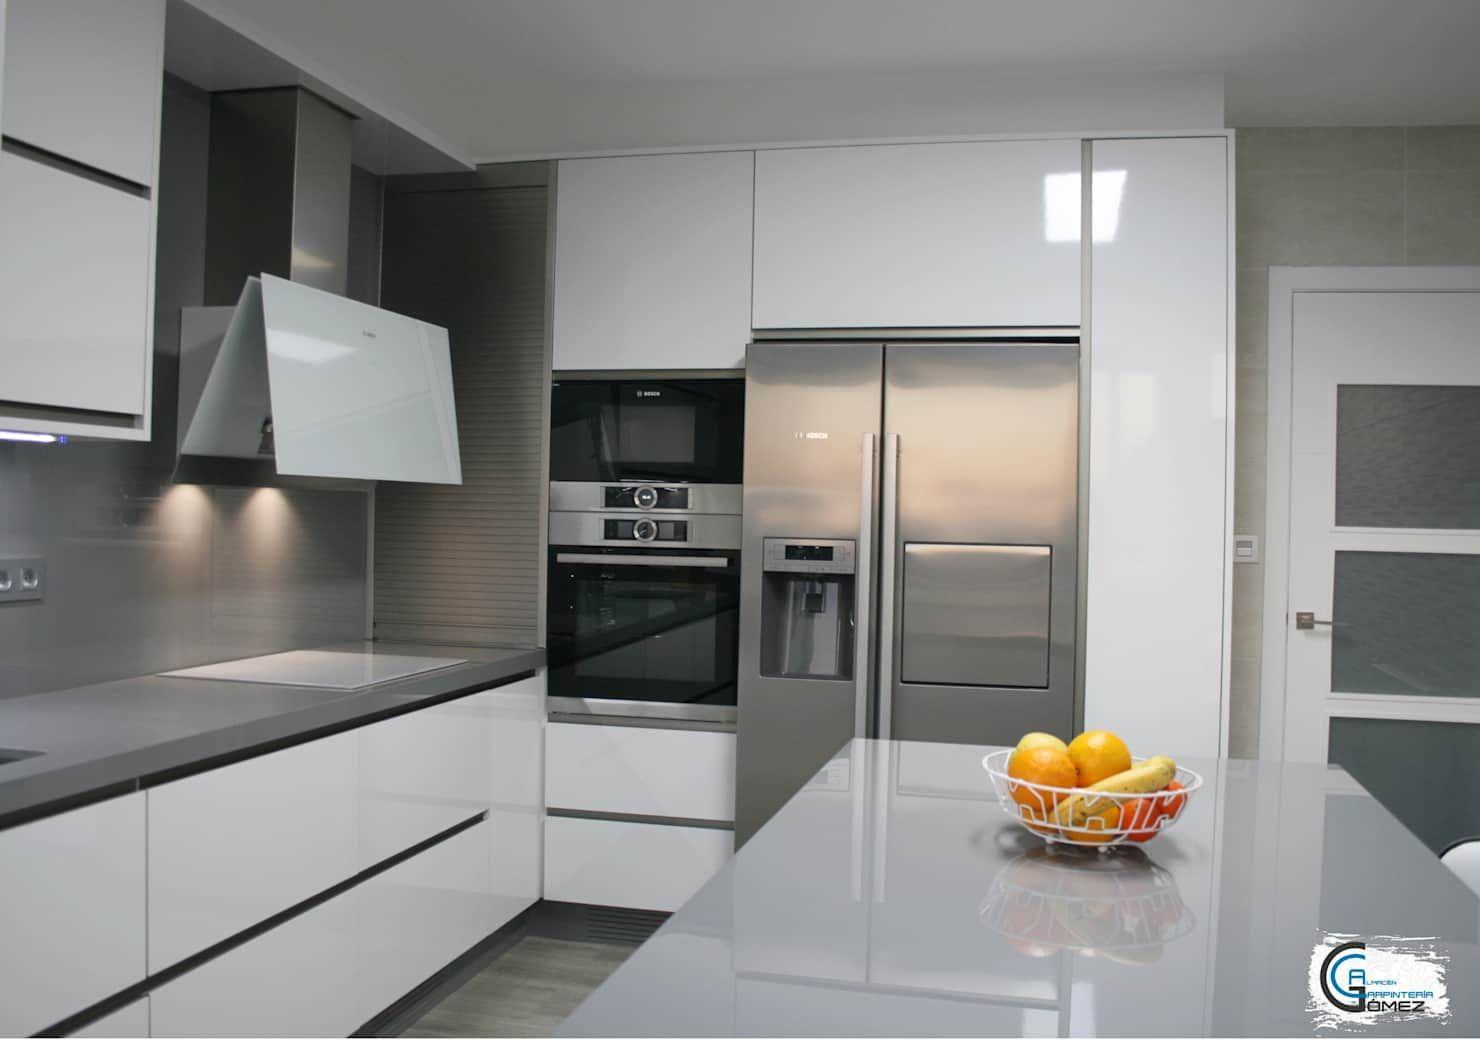 Cocina formica ar+ blanco / dekton blaze: cocinas integrales de estilo de almacén de carpintería gómez, moderno